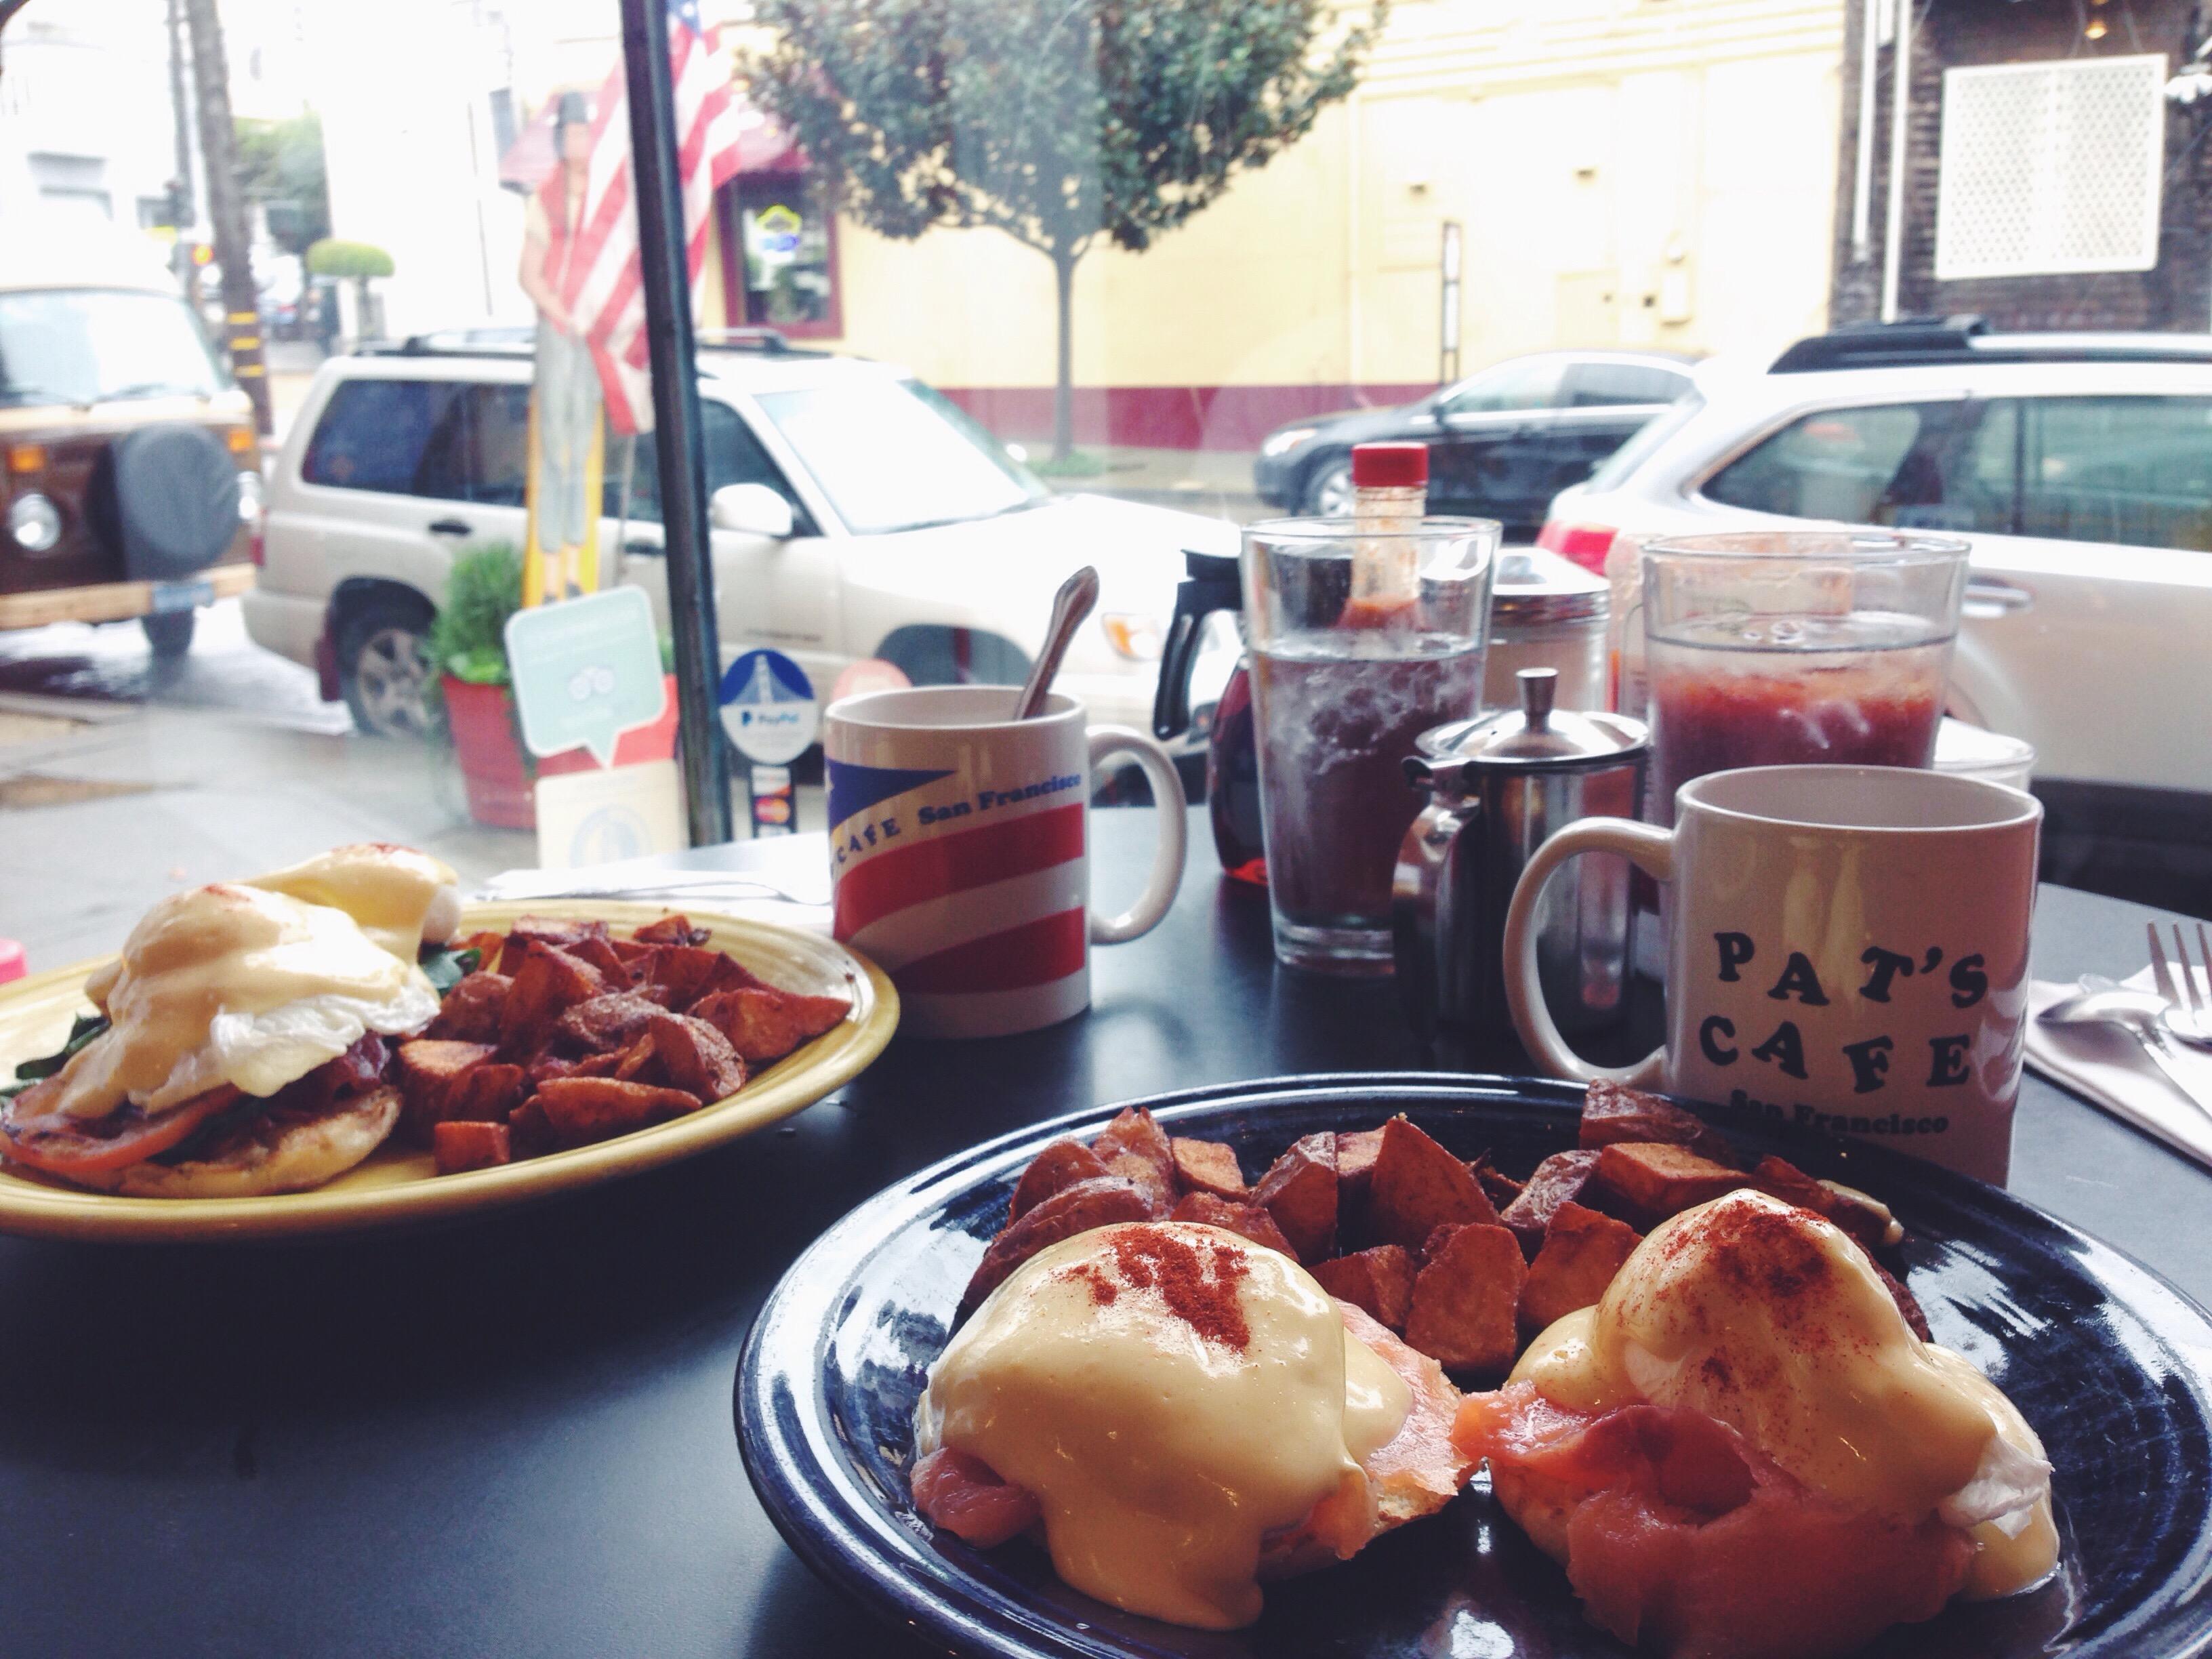 Le migliori Eggs Benedict di San Francisco al Pat's Cafè